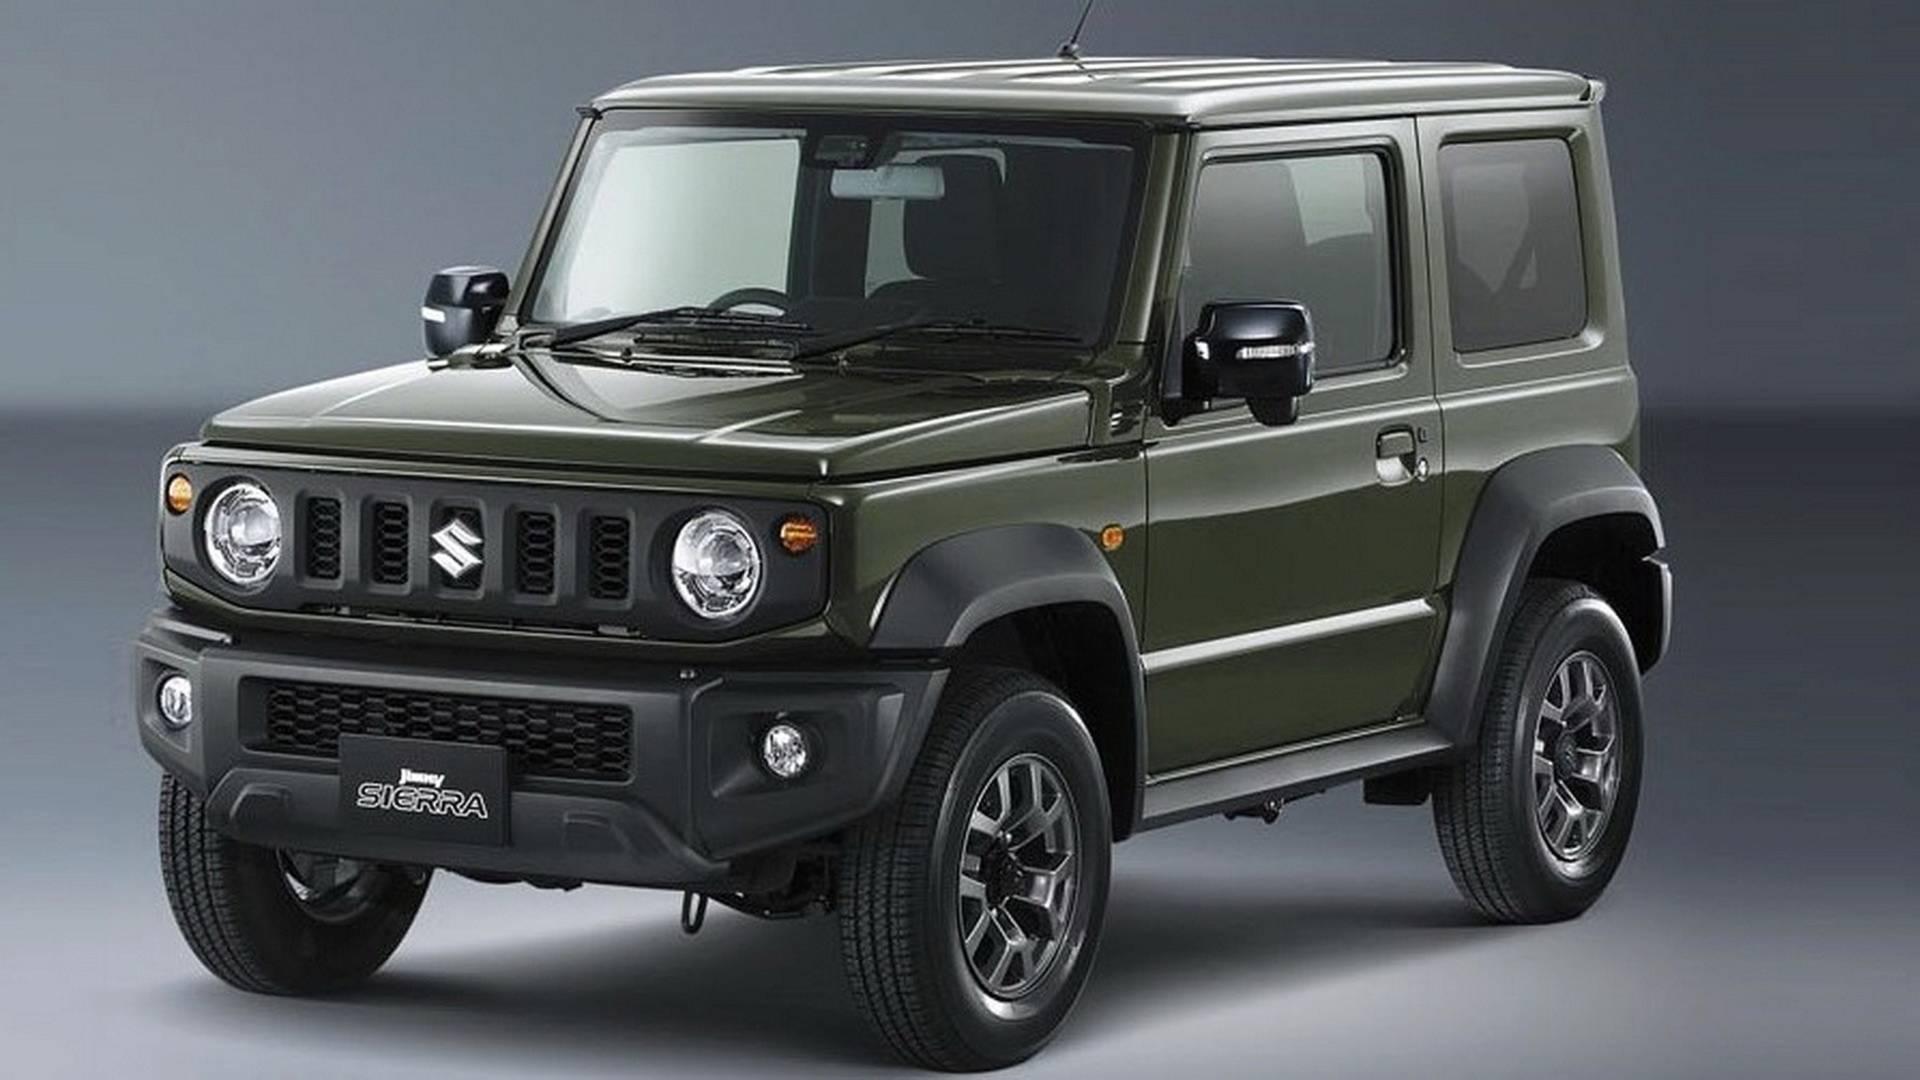 Suzuki publica primeiras imagens oficiais do novo Jimny